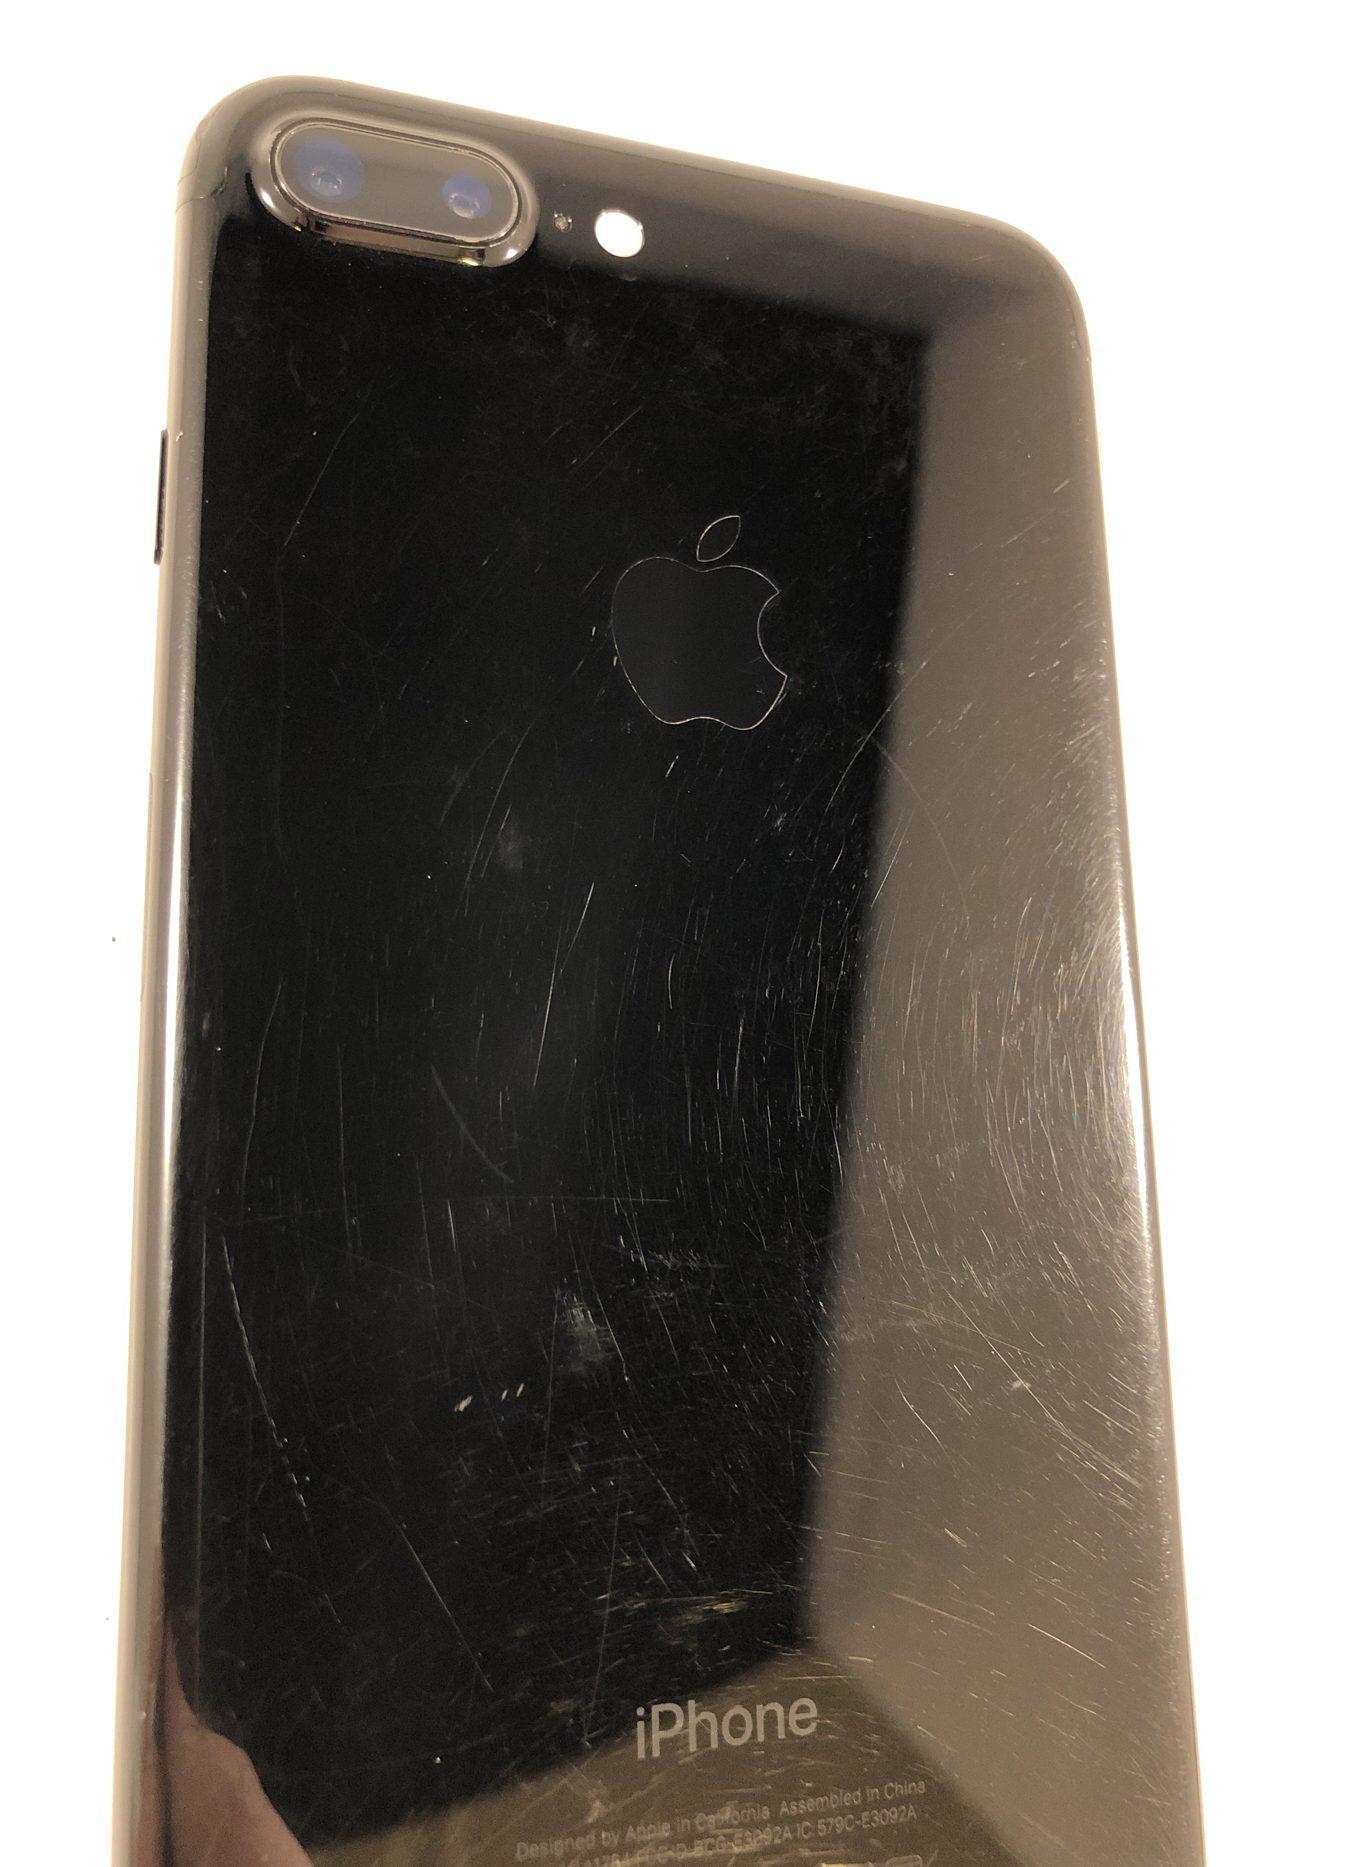 iPhone 7 Plus 128GB, 128GB, Jet Black, Kuva 5